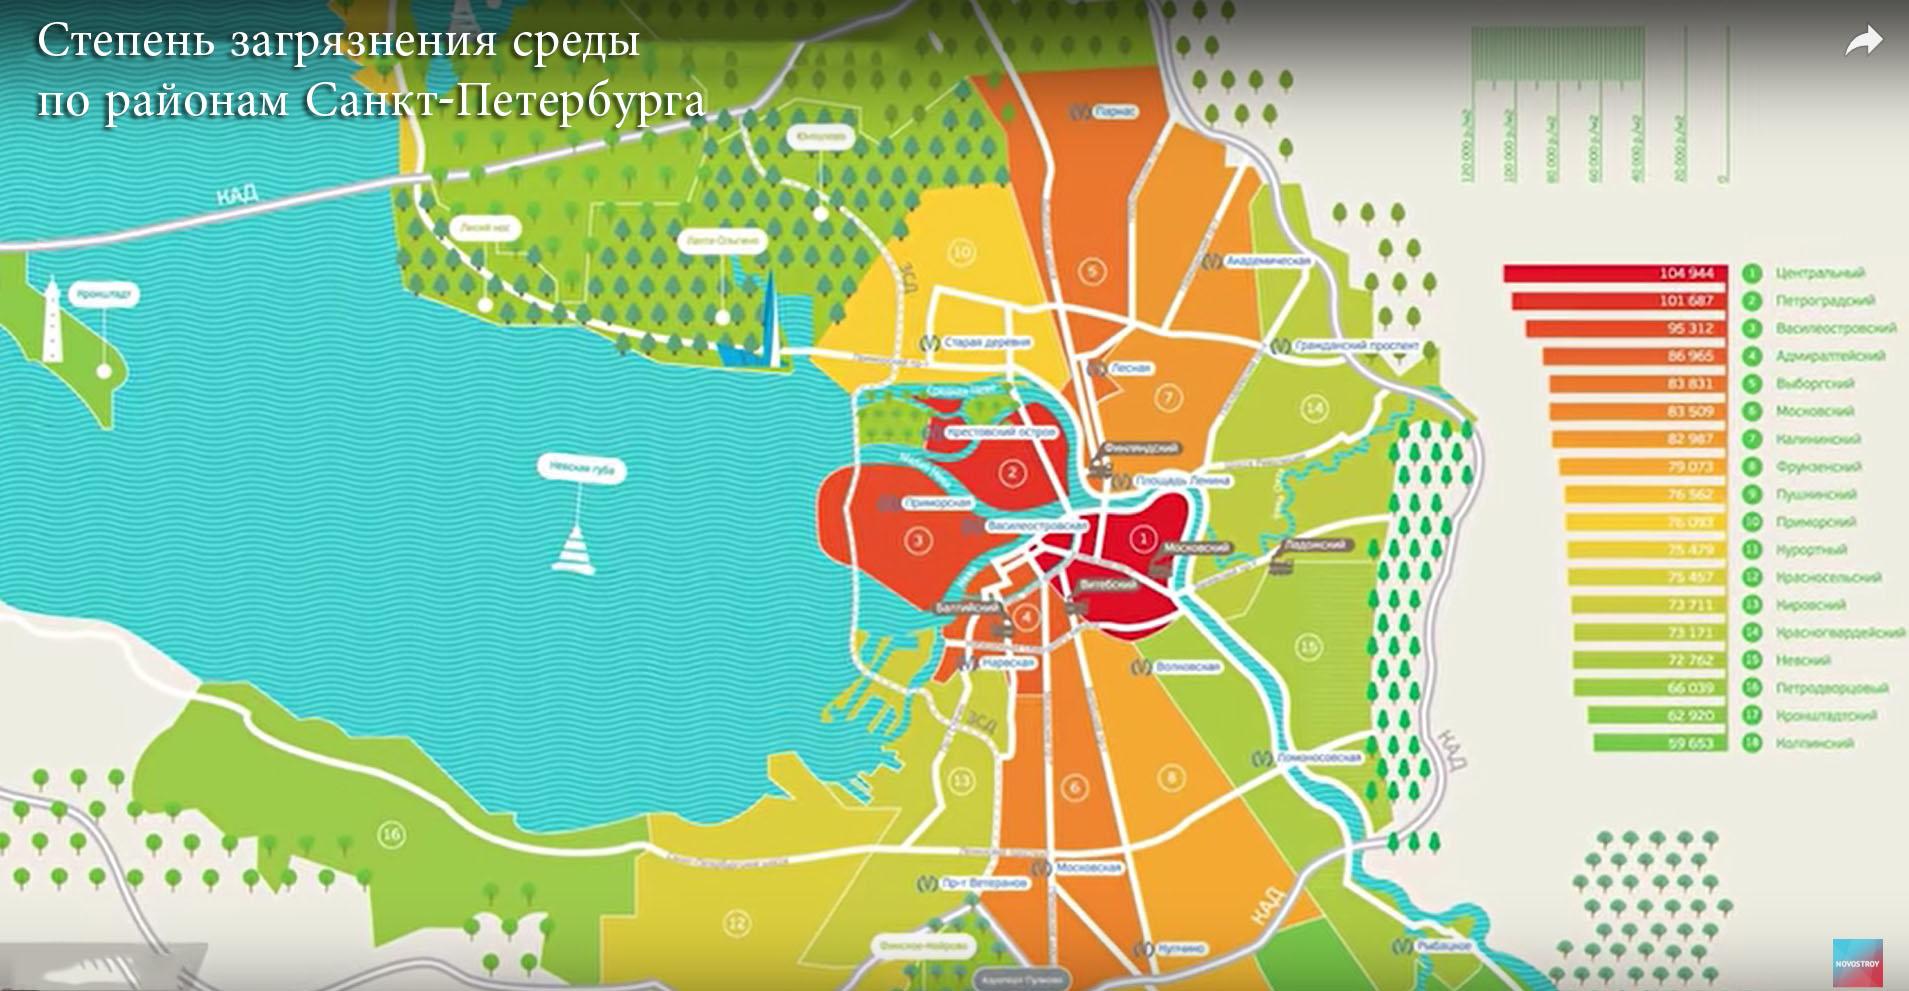 Загрязнение районов Санкт-Петербурга в 2017 году